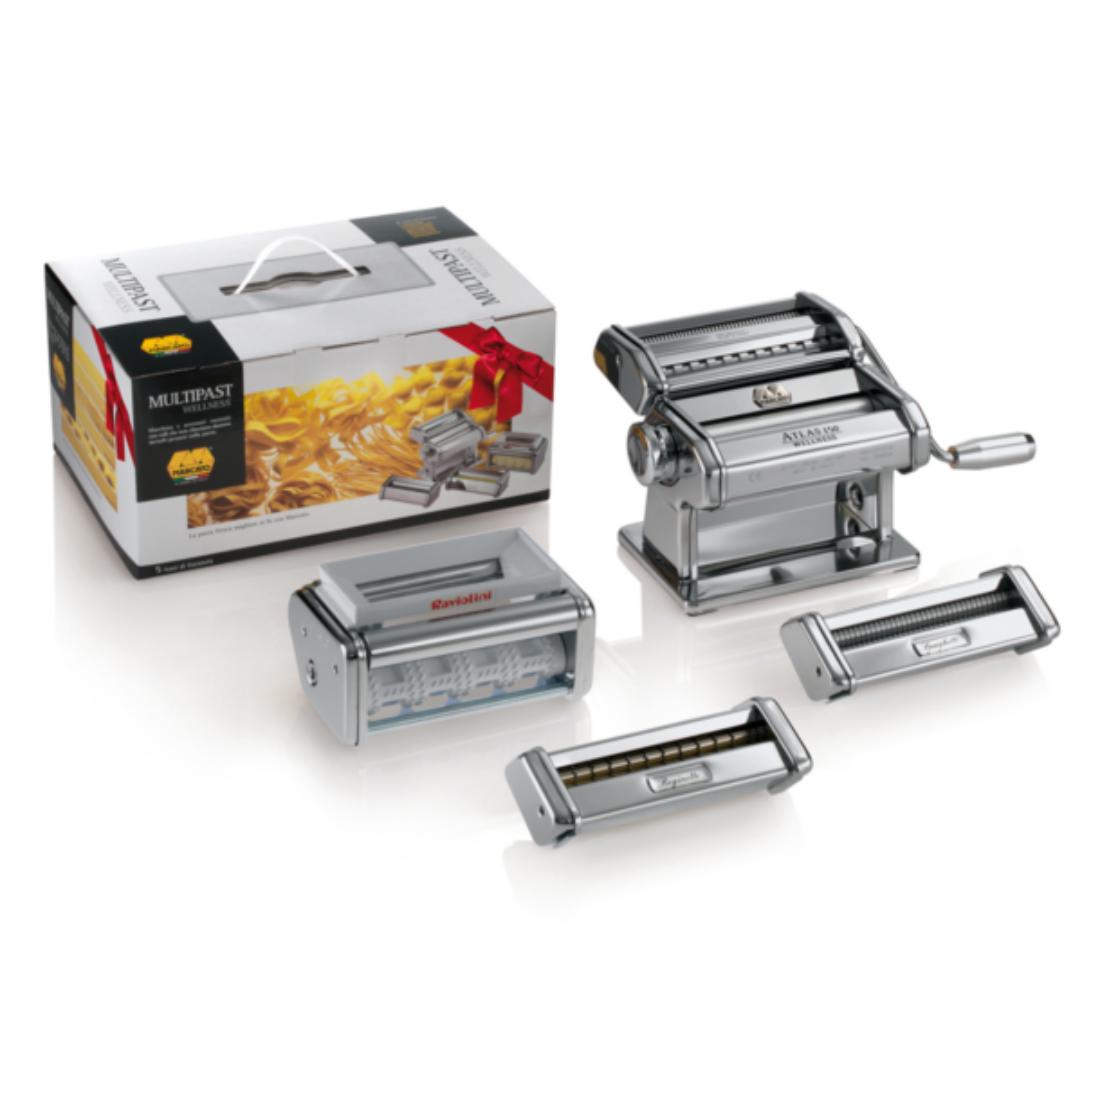 Marcato tésztagép csomag Multipast